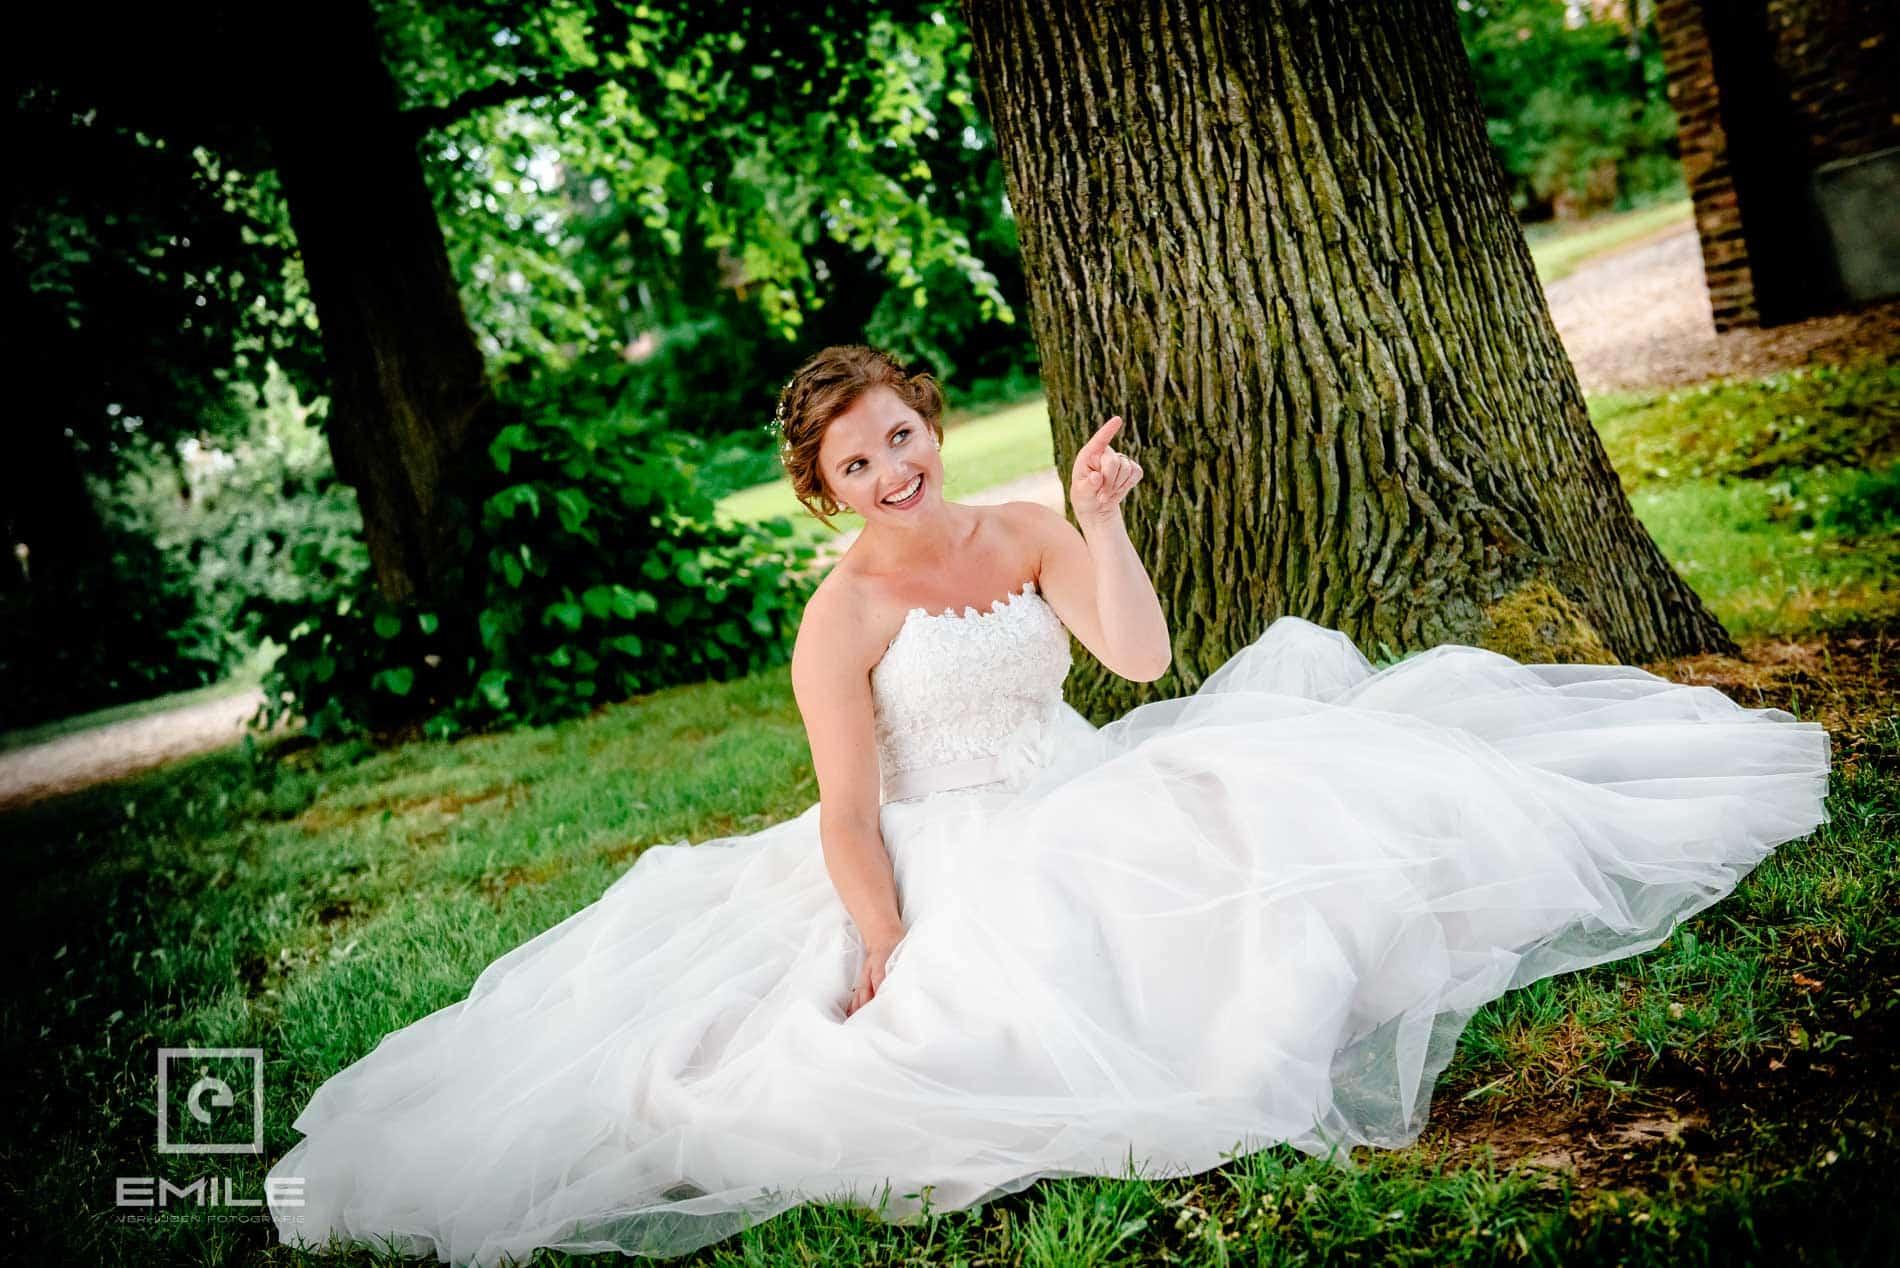 Bruid zit op de grond-  Kasteel Daelenbroeck - Herkenbosch